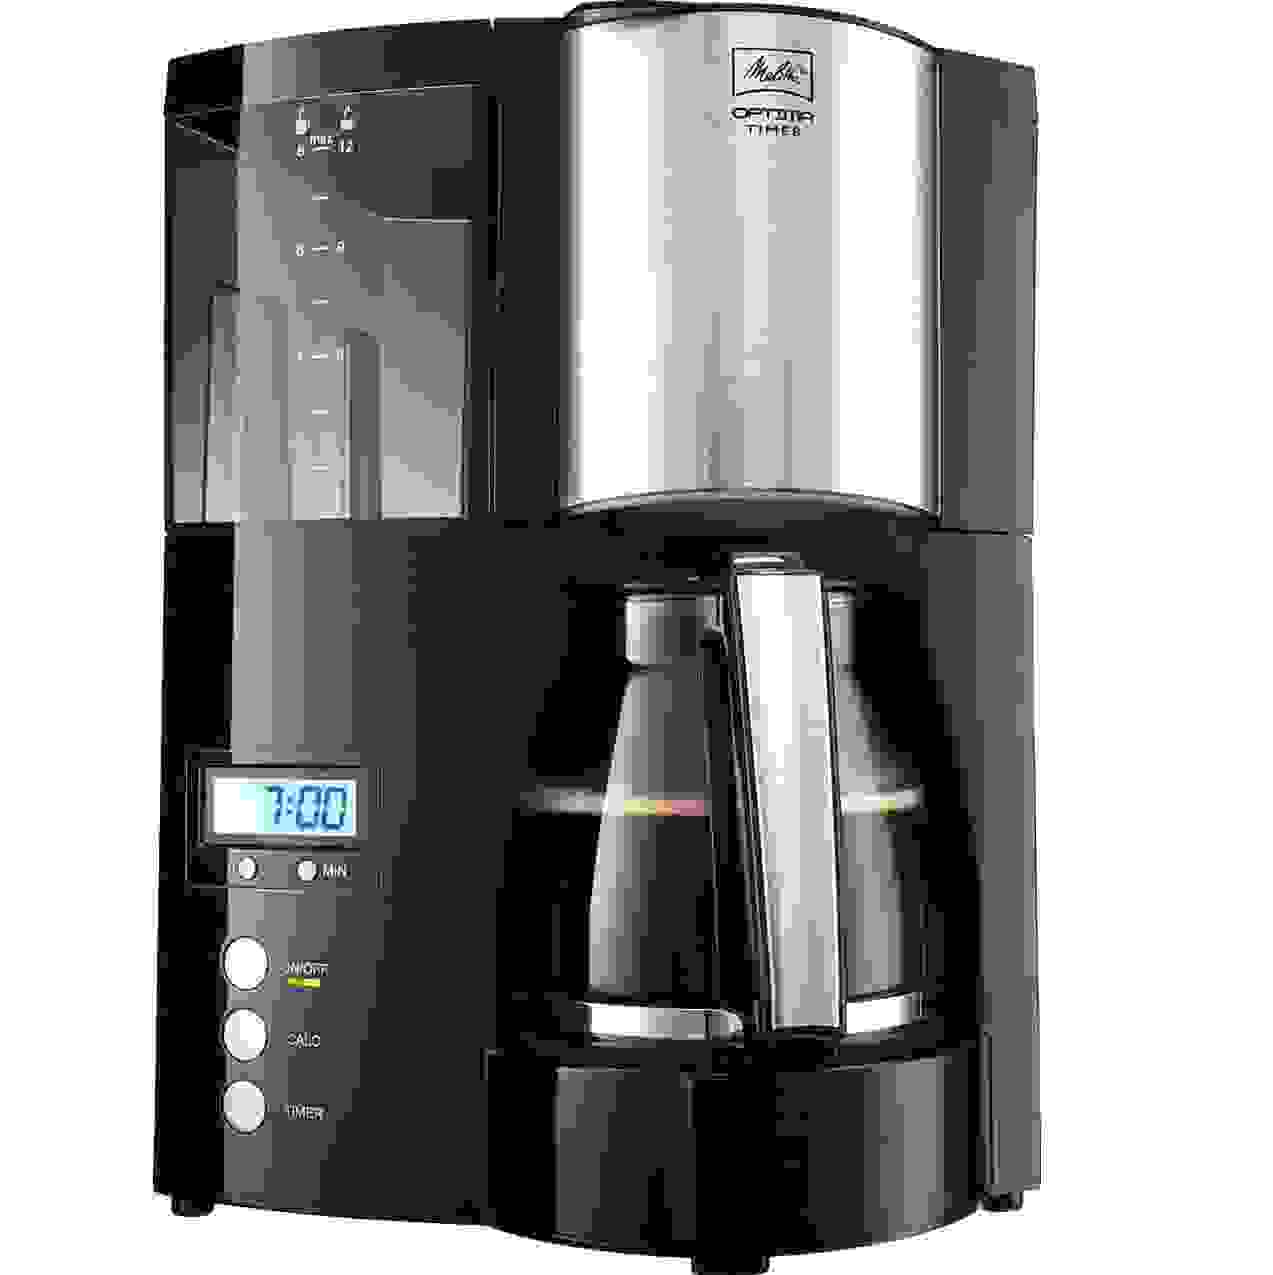 Der Moccamaster Im Test Beste Kaffeemaschine Der Welt Konzept von Beste Filterkaffeemaschine Der Welt Photo